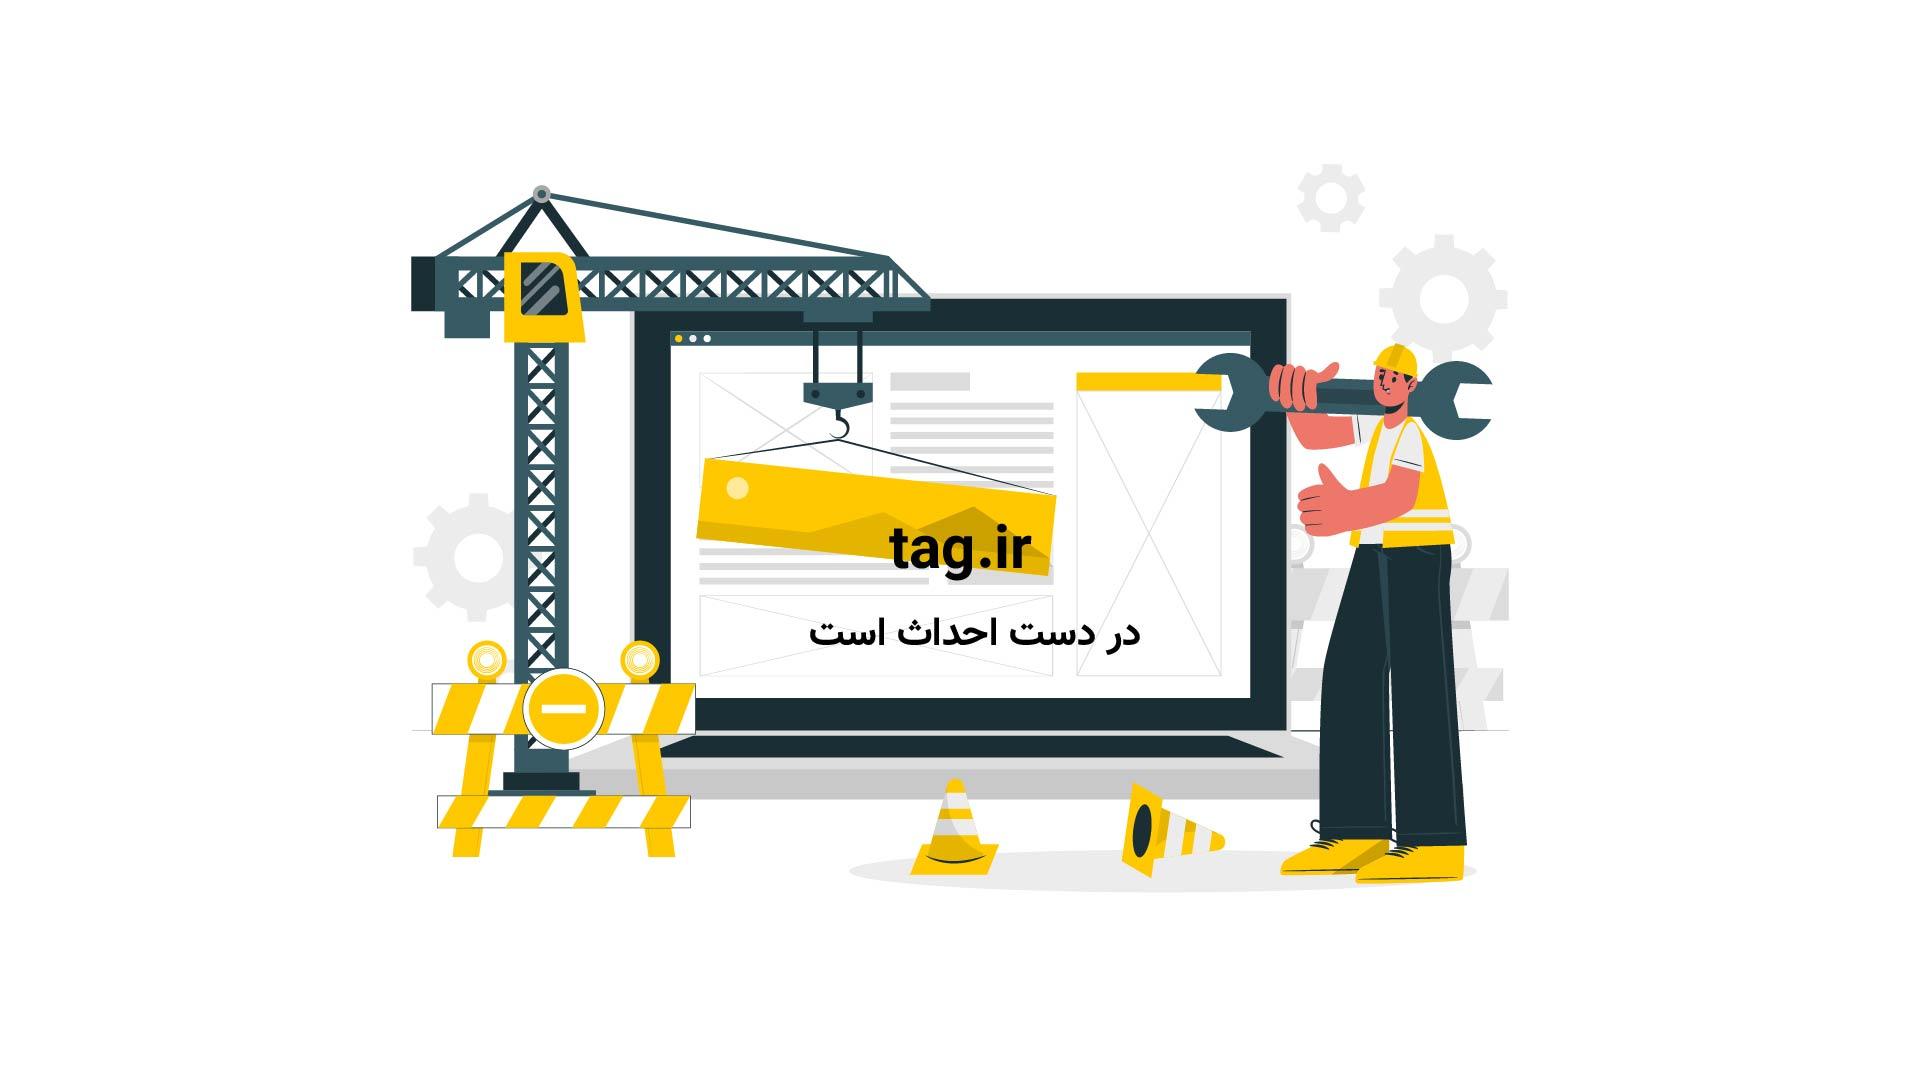 تلاش جالب دولت چین برای حفظ پانداها|تگ